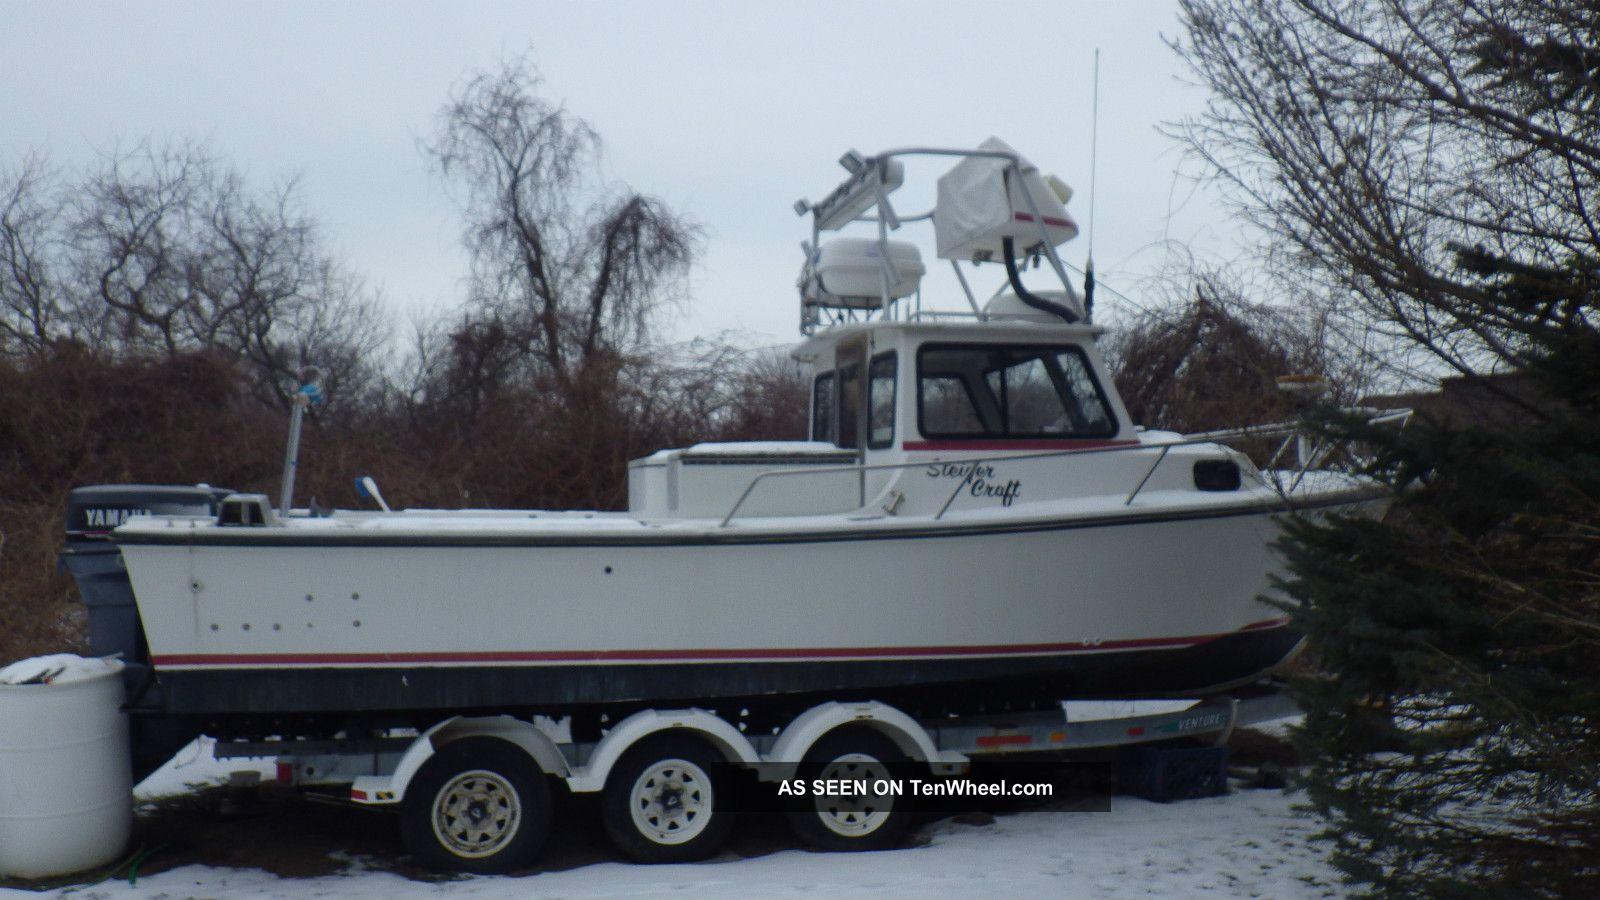 1991 Steiger Craft Chesapeake Bass Fishing Boats photo